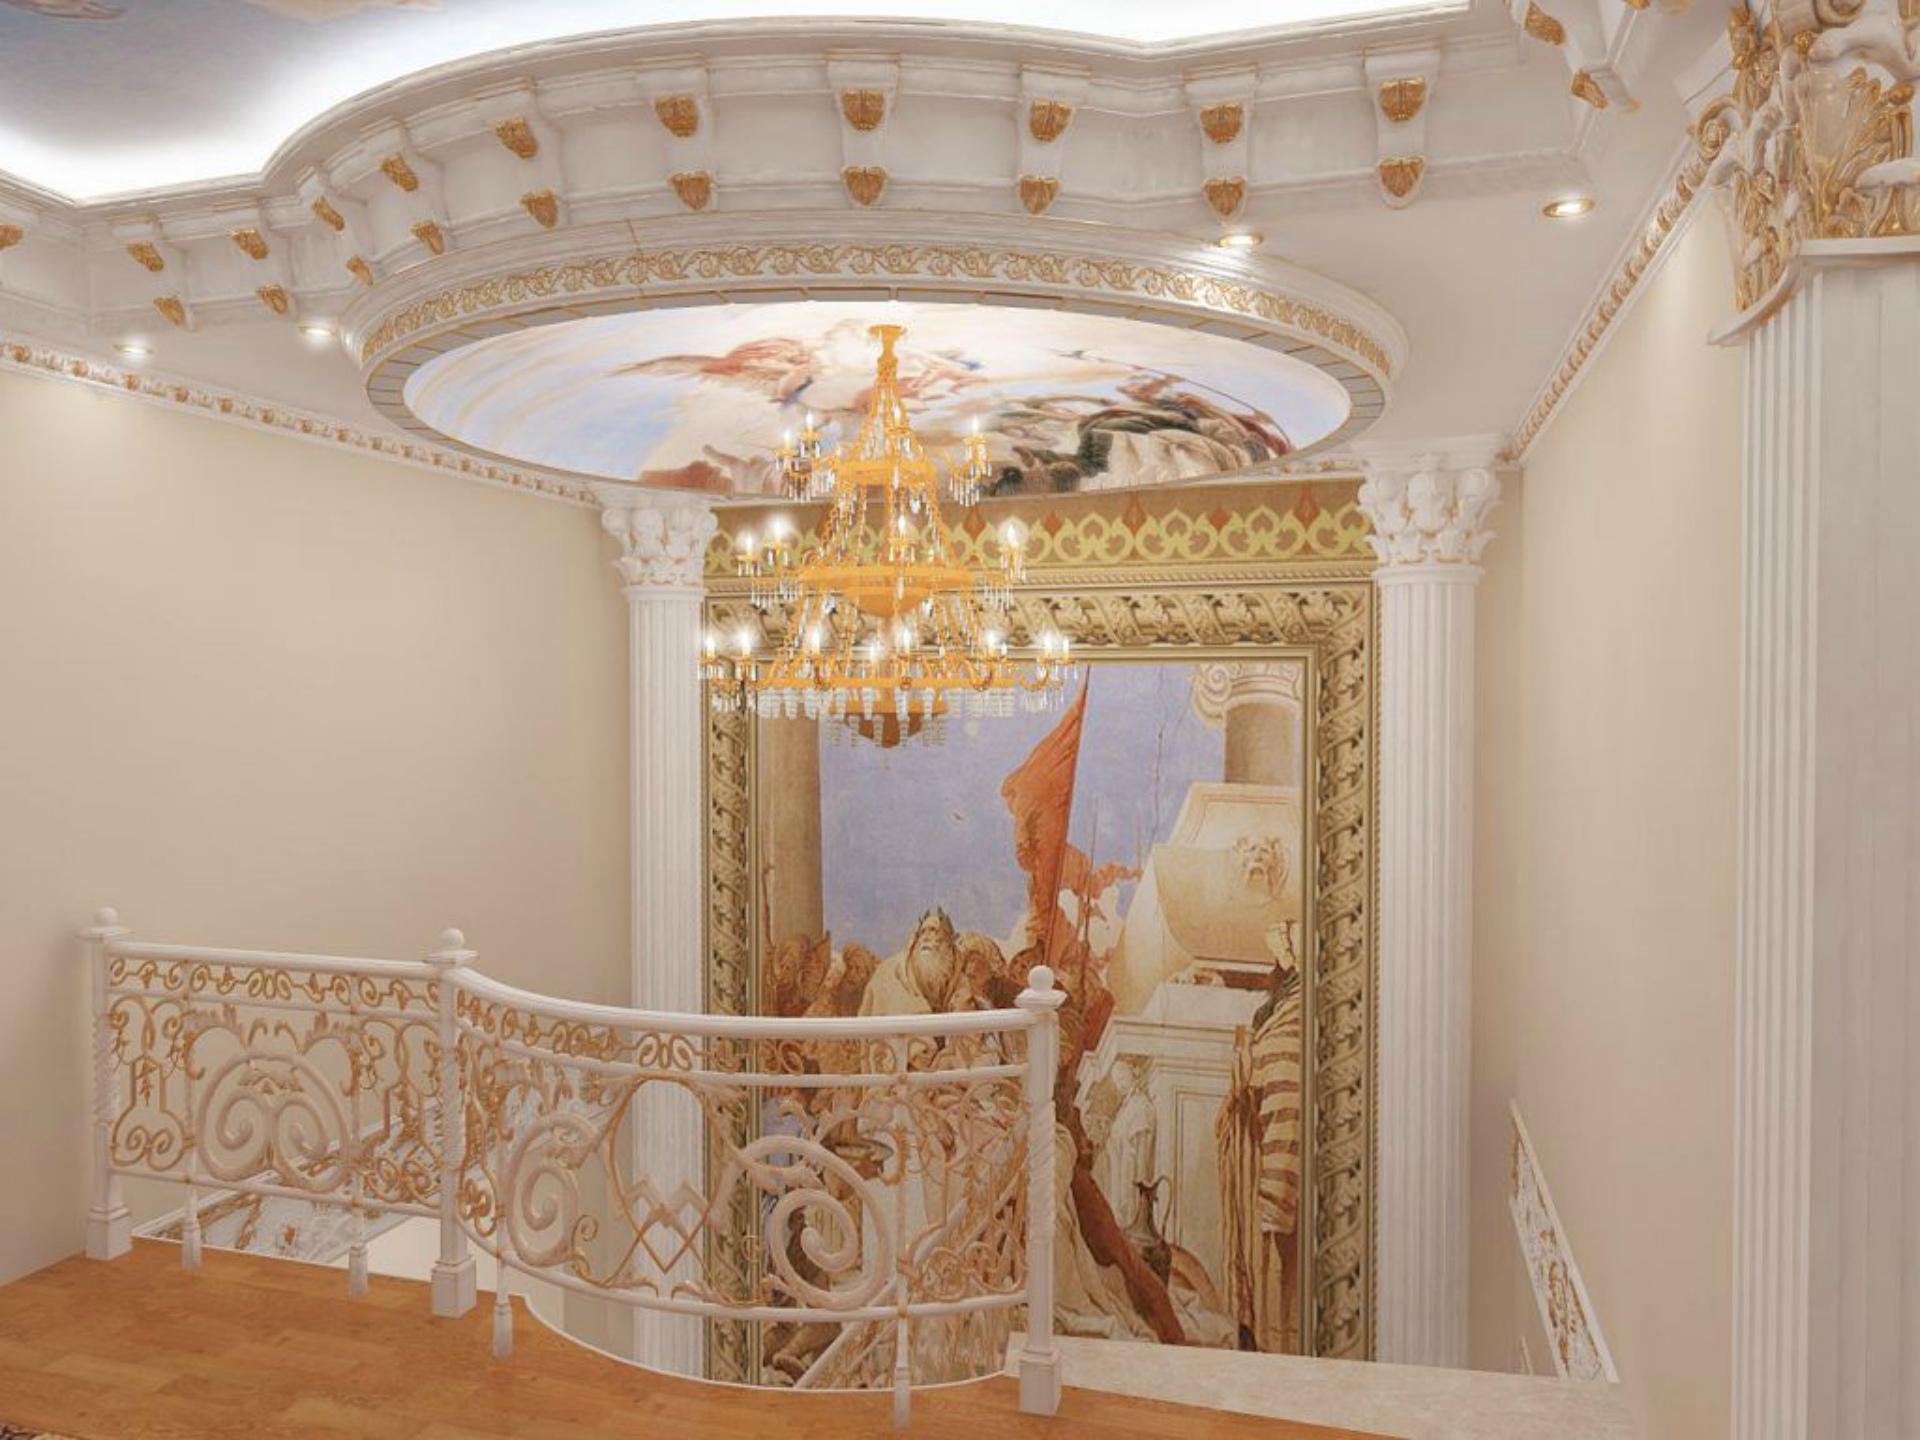 Лепной декор в интерьере: Купола и кессоны из пенопласта с мраморным покрытием